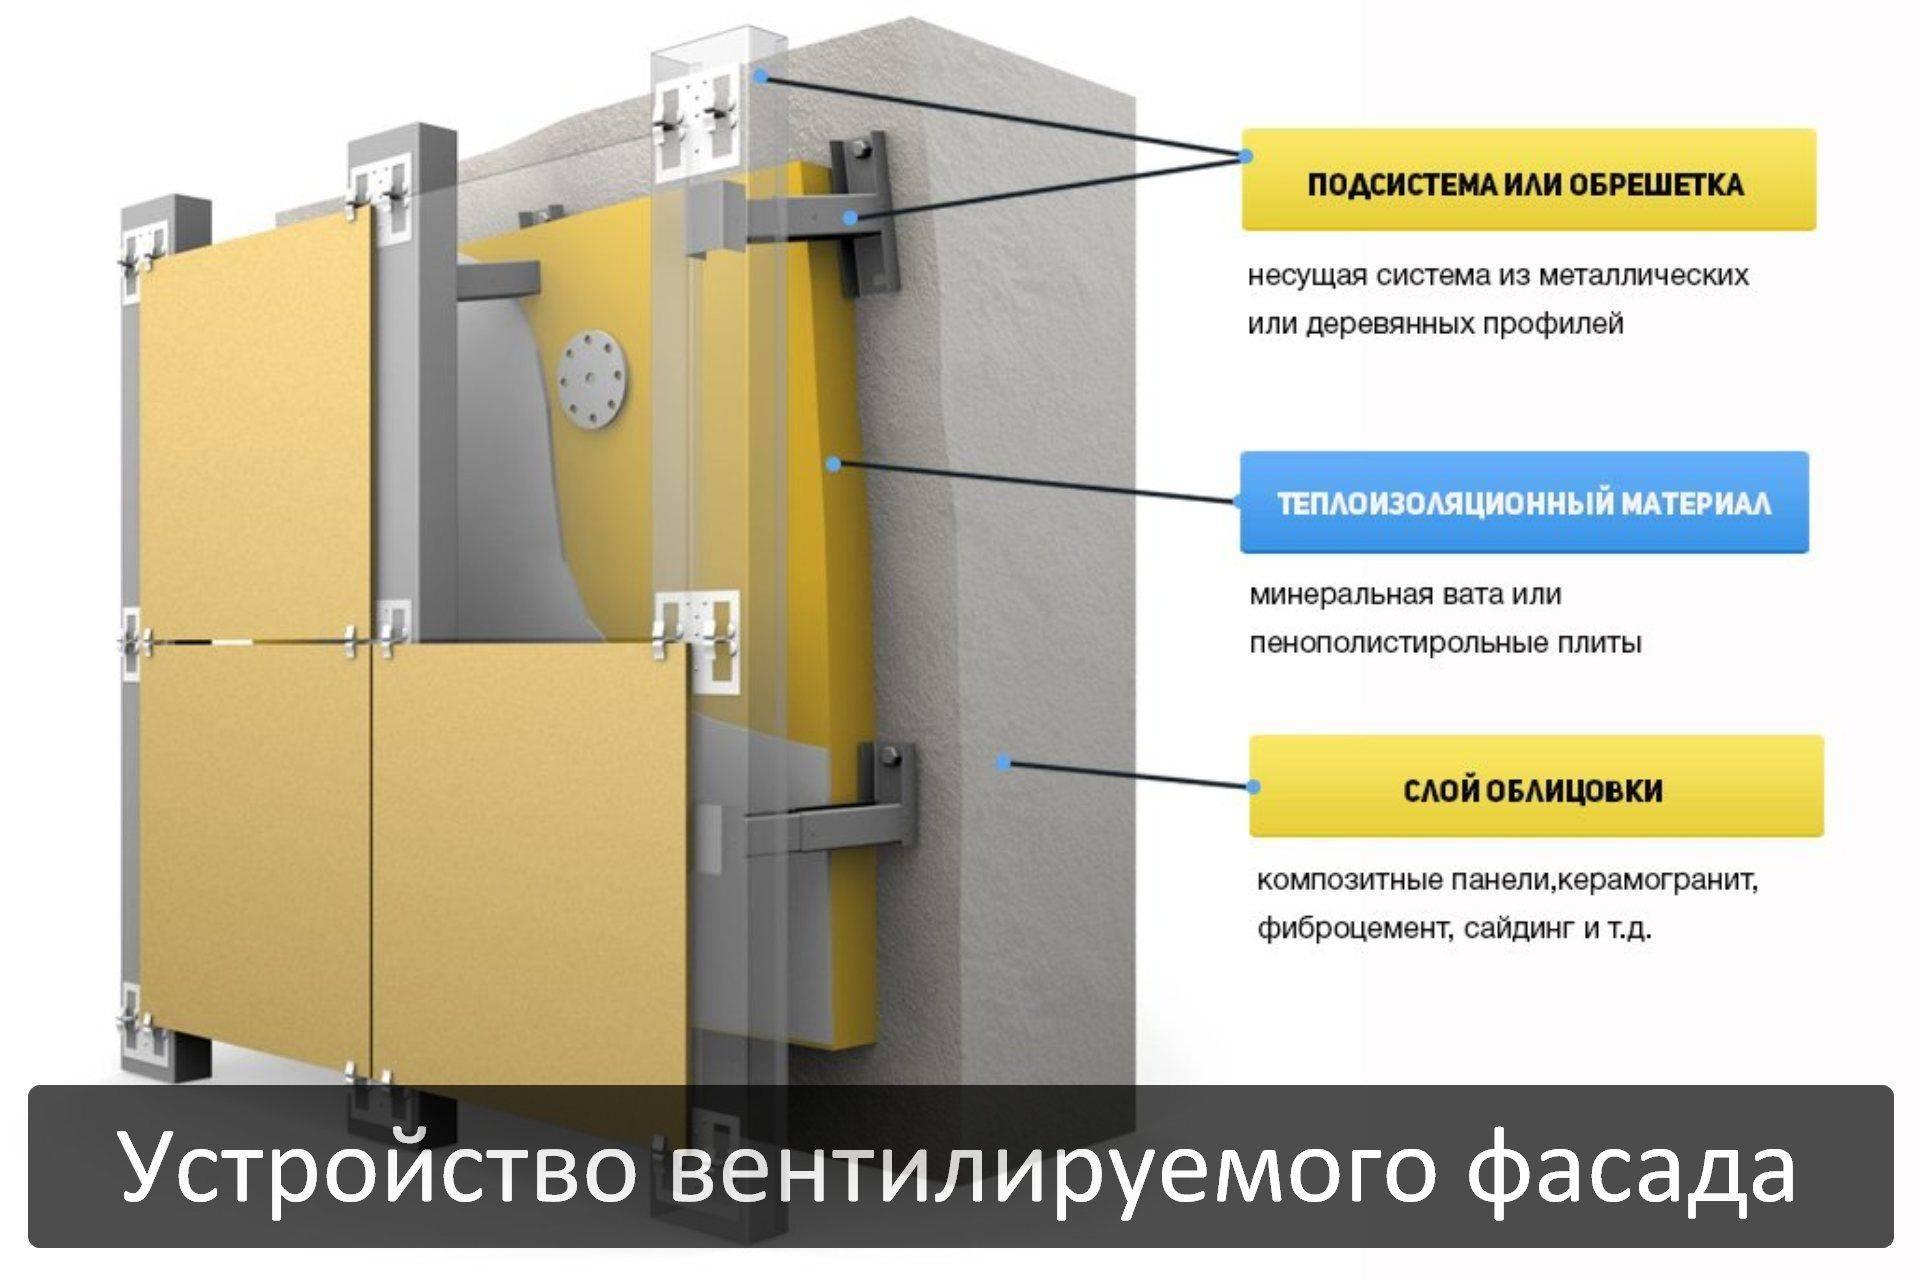 Подконструкции для вентилируемого фасада. обзор